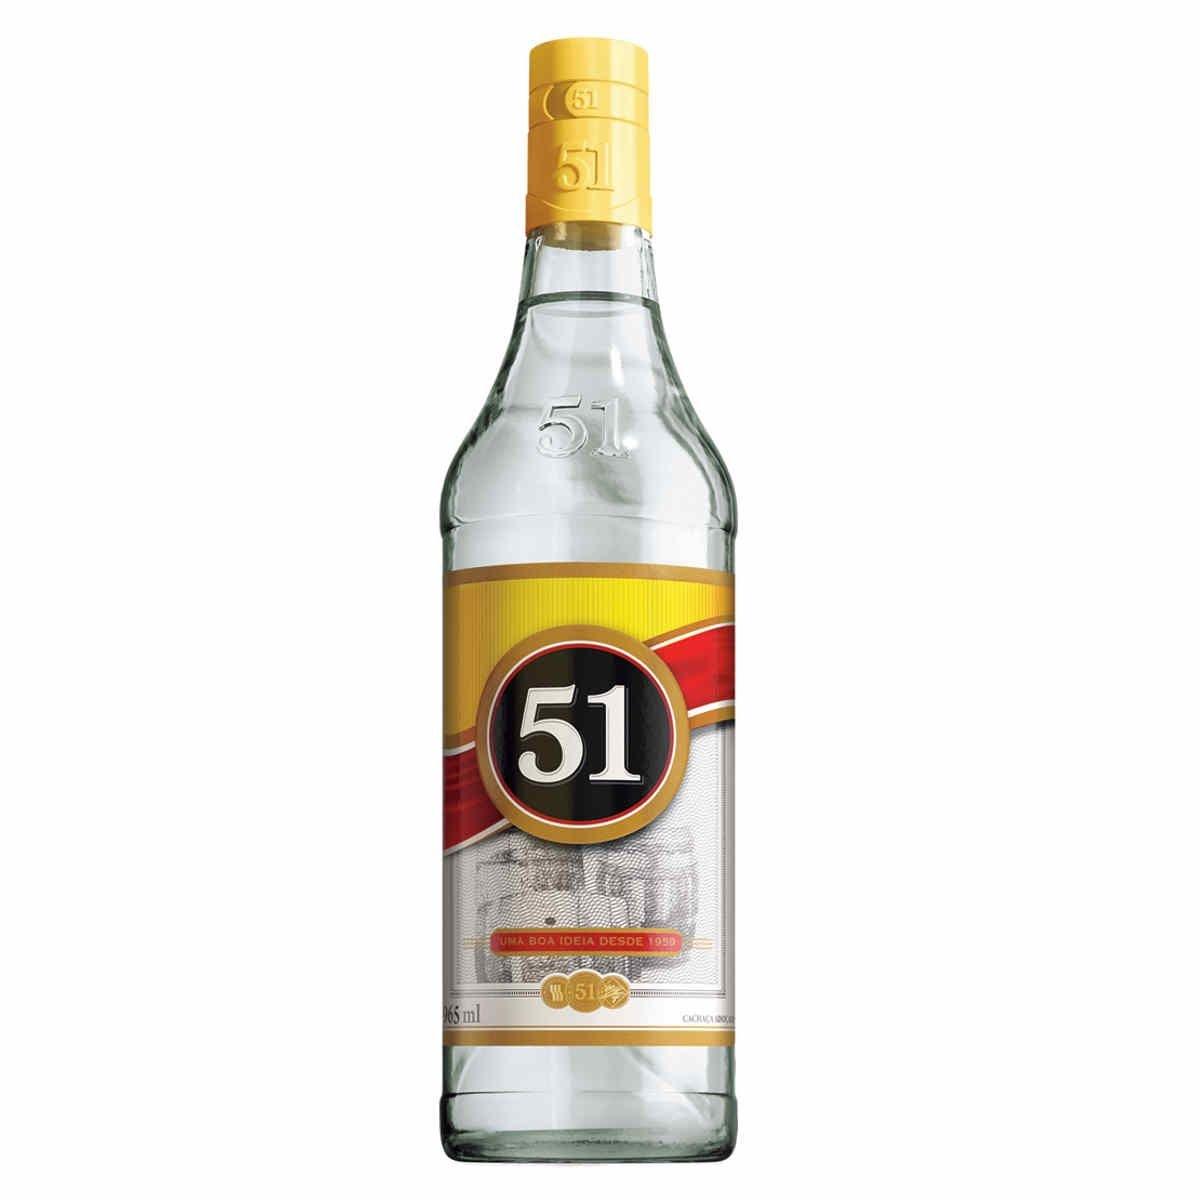 51 >> Aguardente 51 Pirassununga Garrafa 965ml